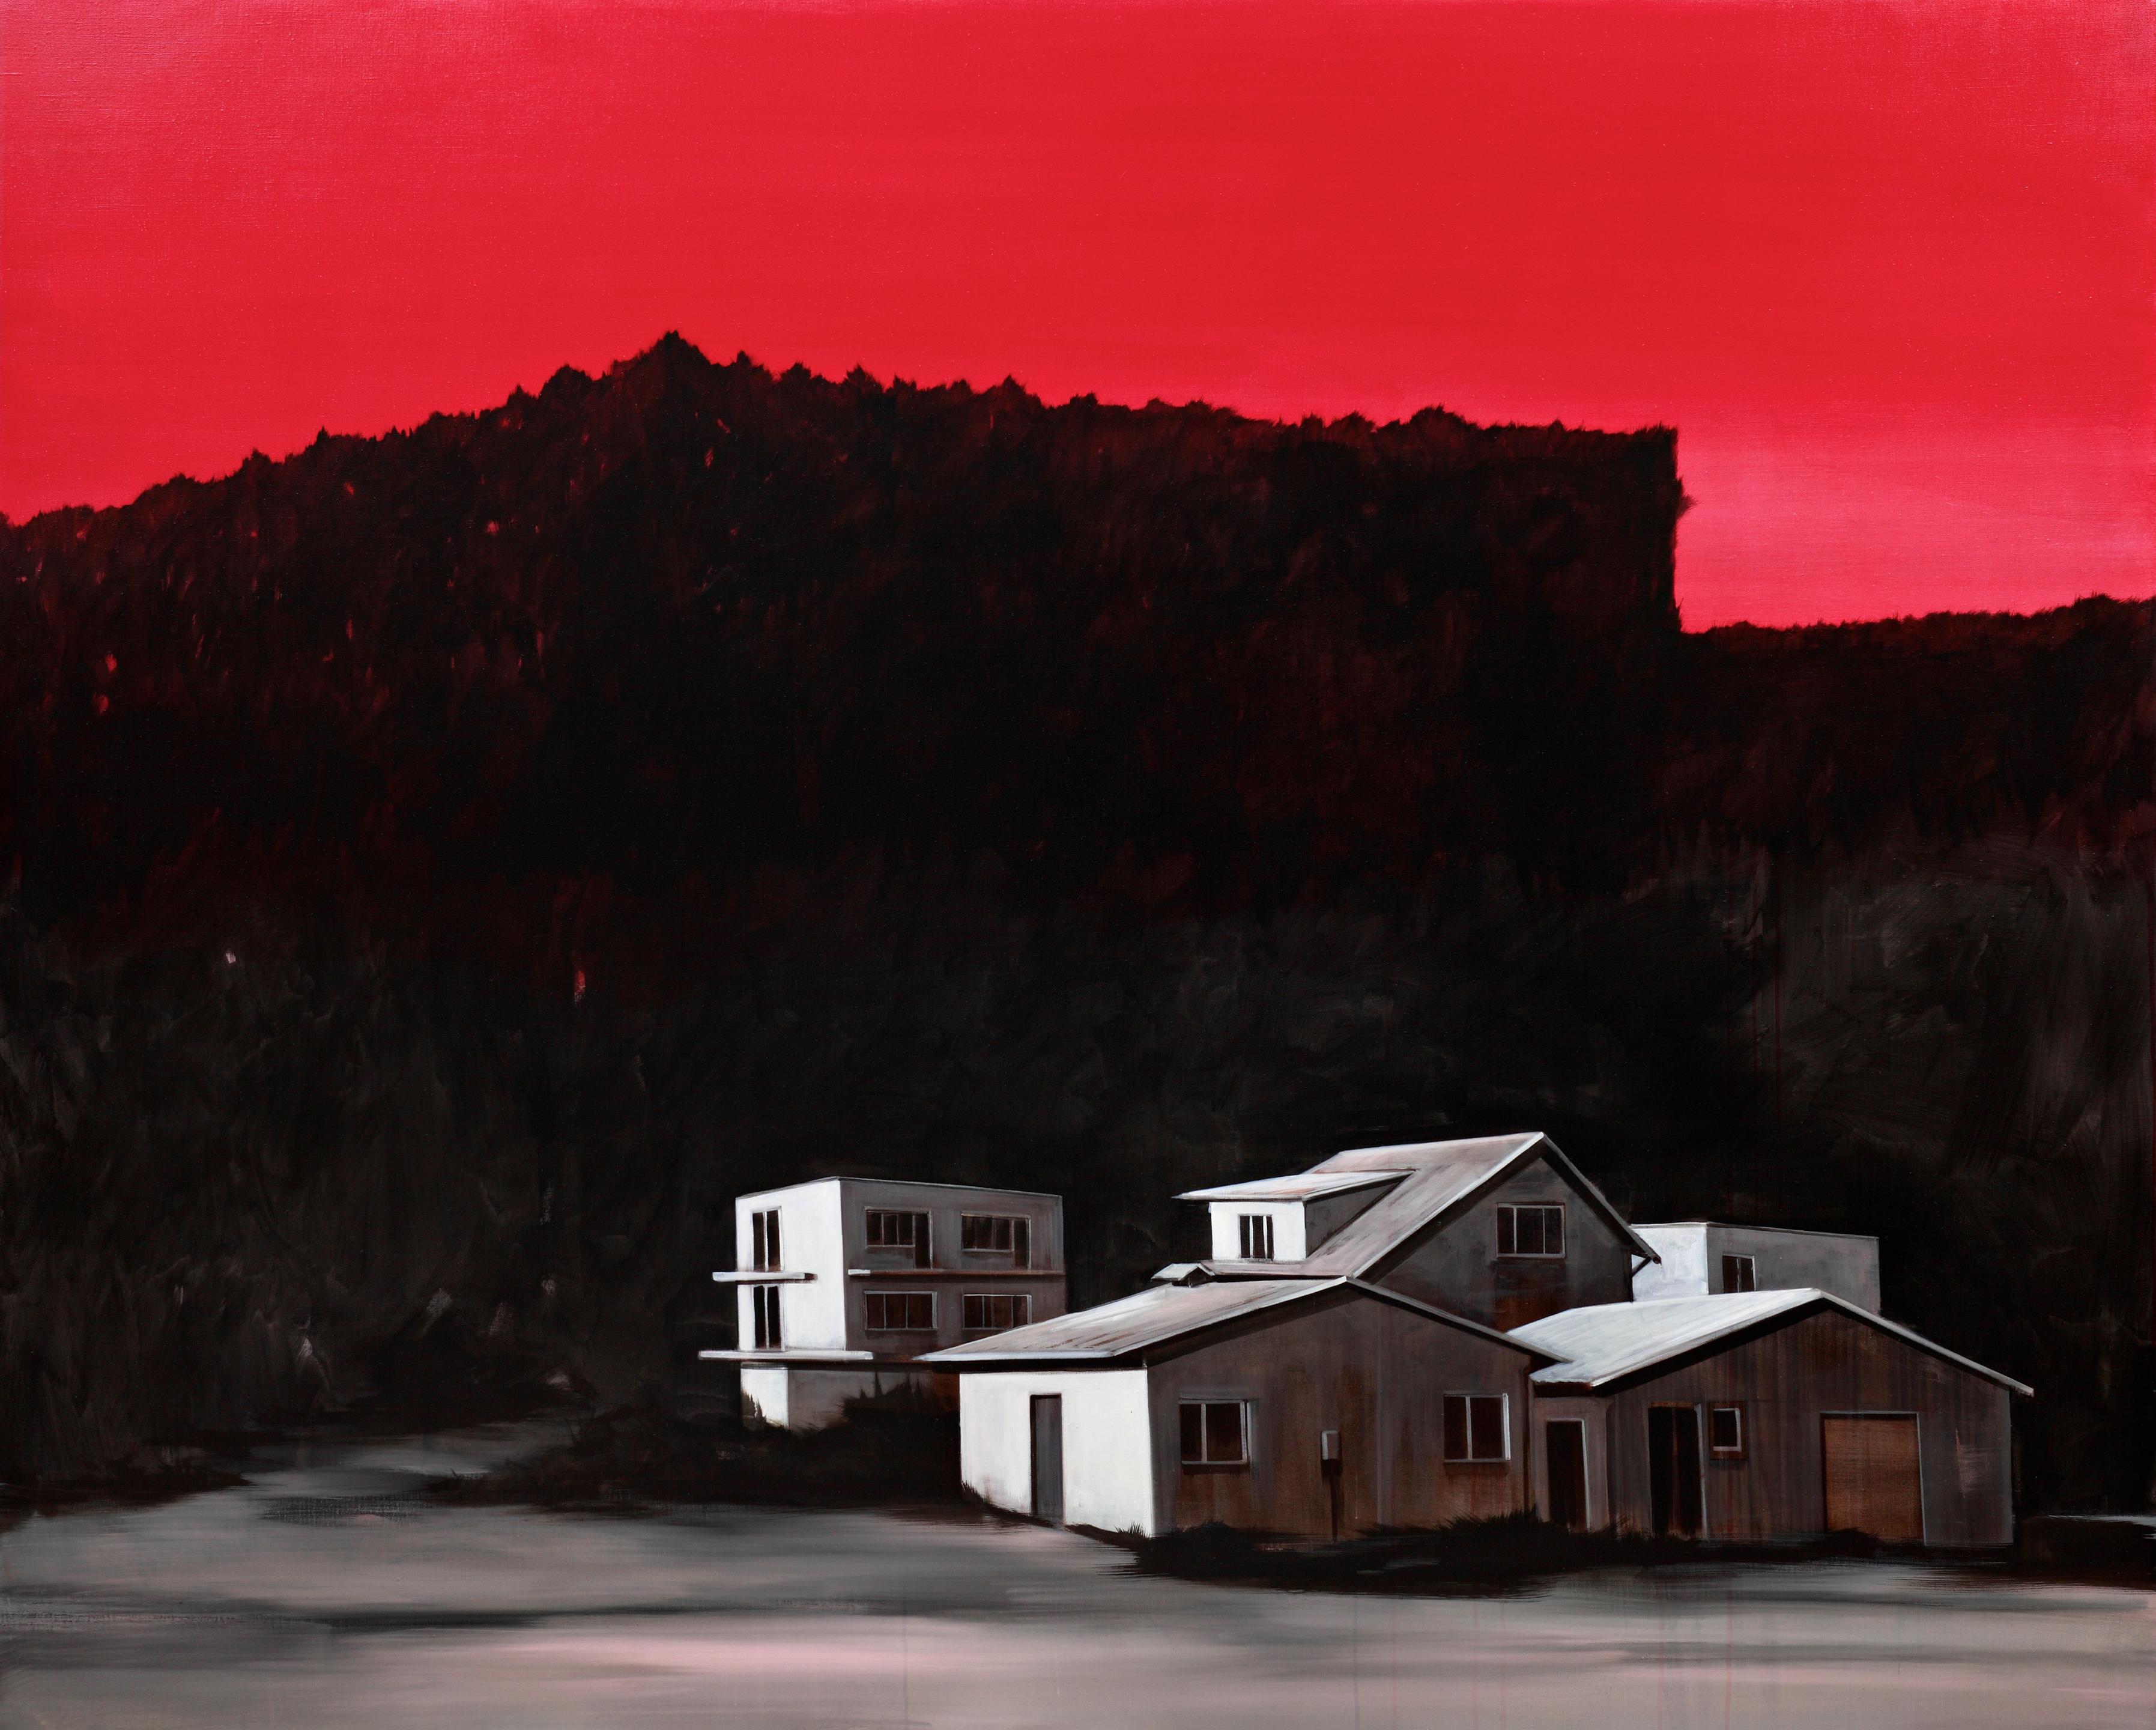 Auf dem Bild sind hell gemalte Häuser vor einem schwarzen Hintergrund mit rotem Himmel zu sehen. Artist: Roman Lipski. Title: Untitled (Red Sky). Material: Acrylic on Canvas. Size: 200 x 250 cm. Year: 2012